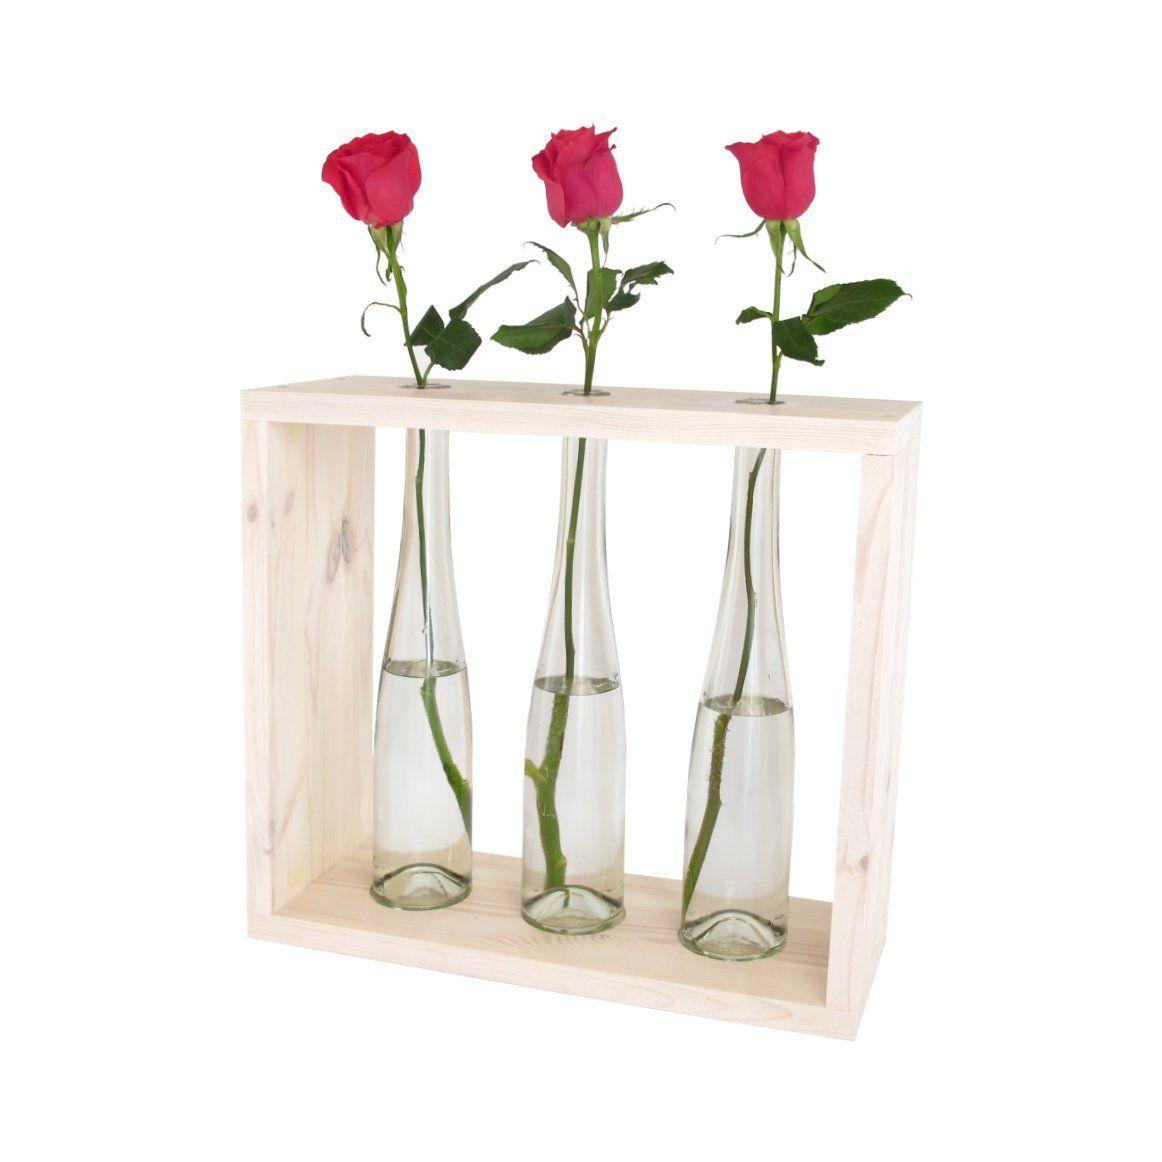 Roza Kwietnik W Artdecoglasseu Na Etsy Glass Vase Decor Etsy